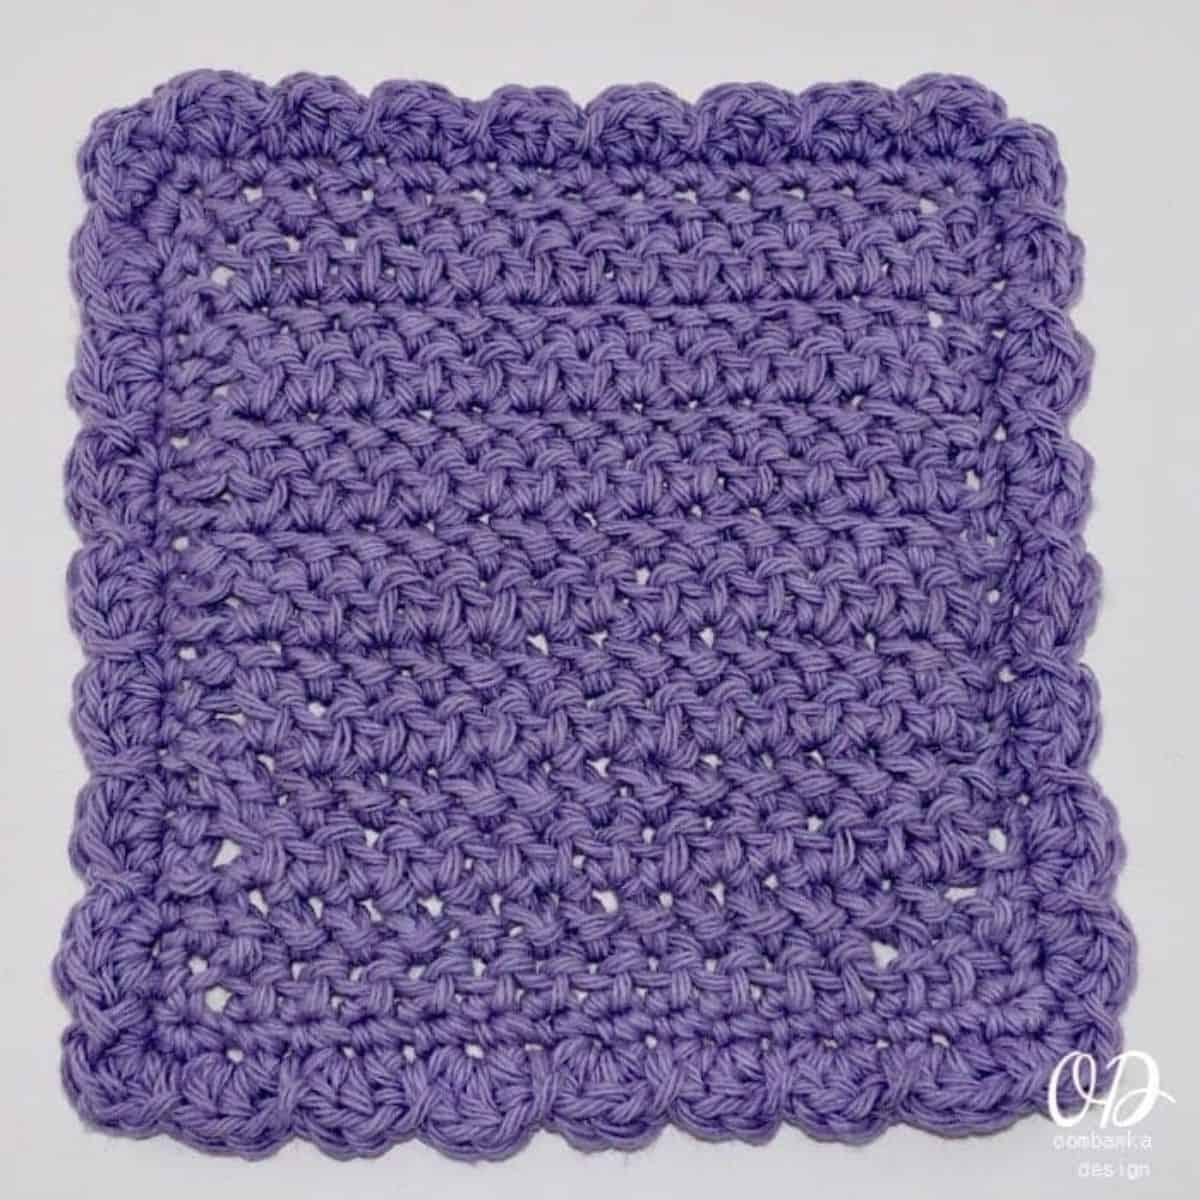 pretty purple dishcloth with a shell stitch border